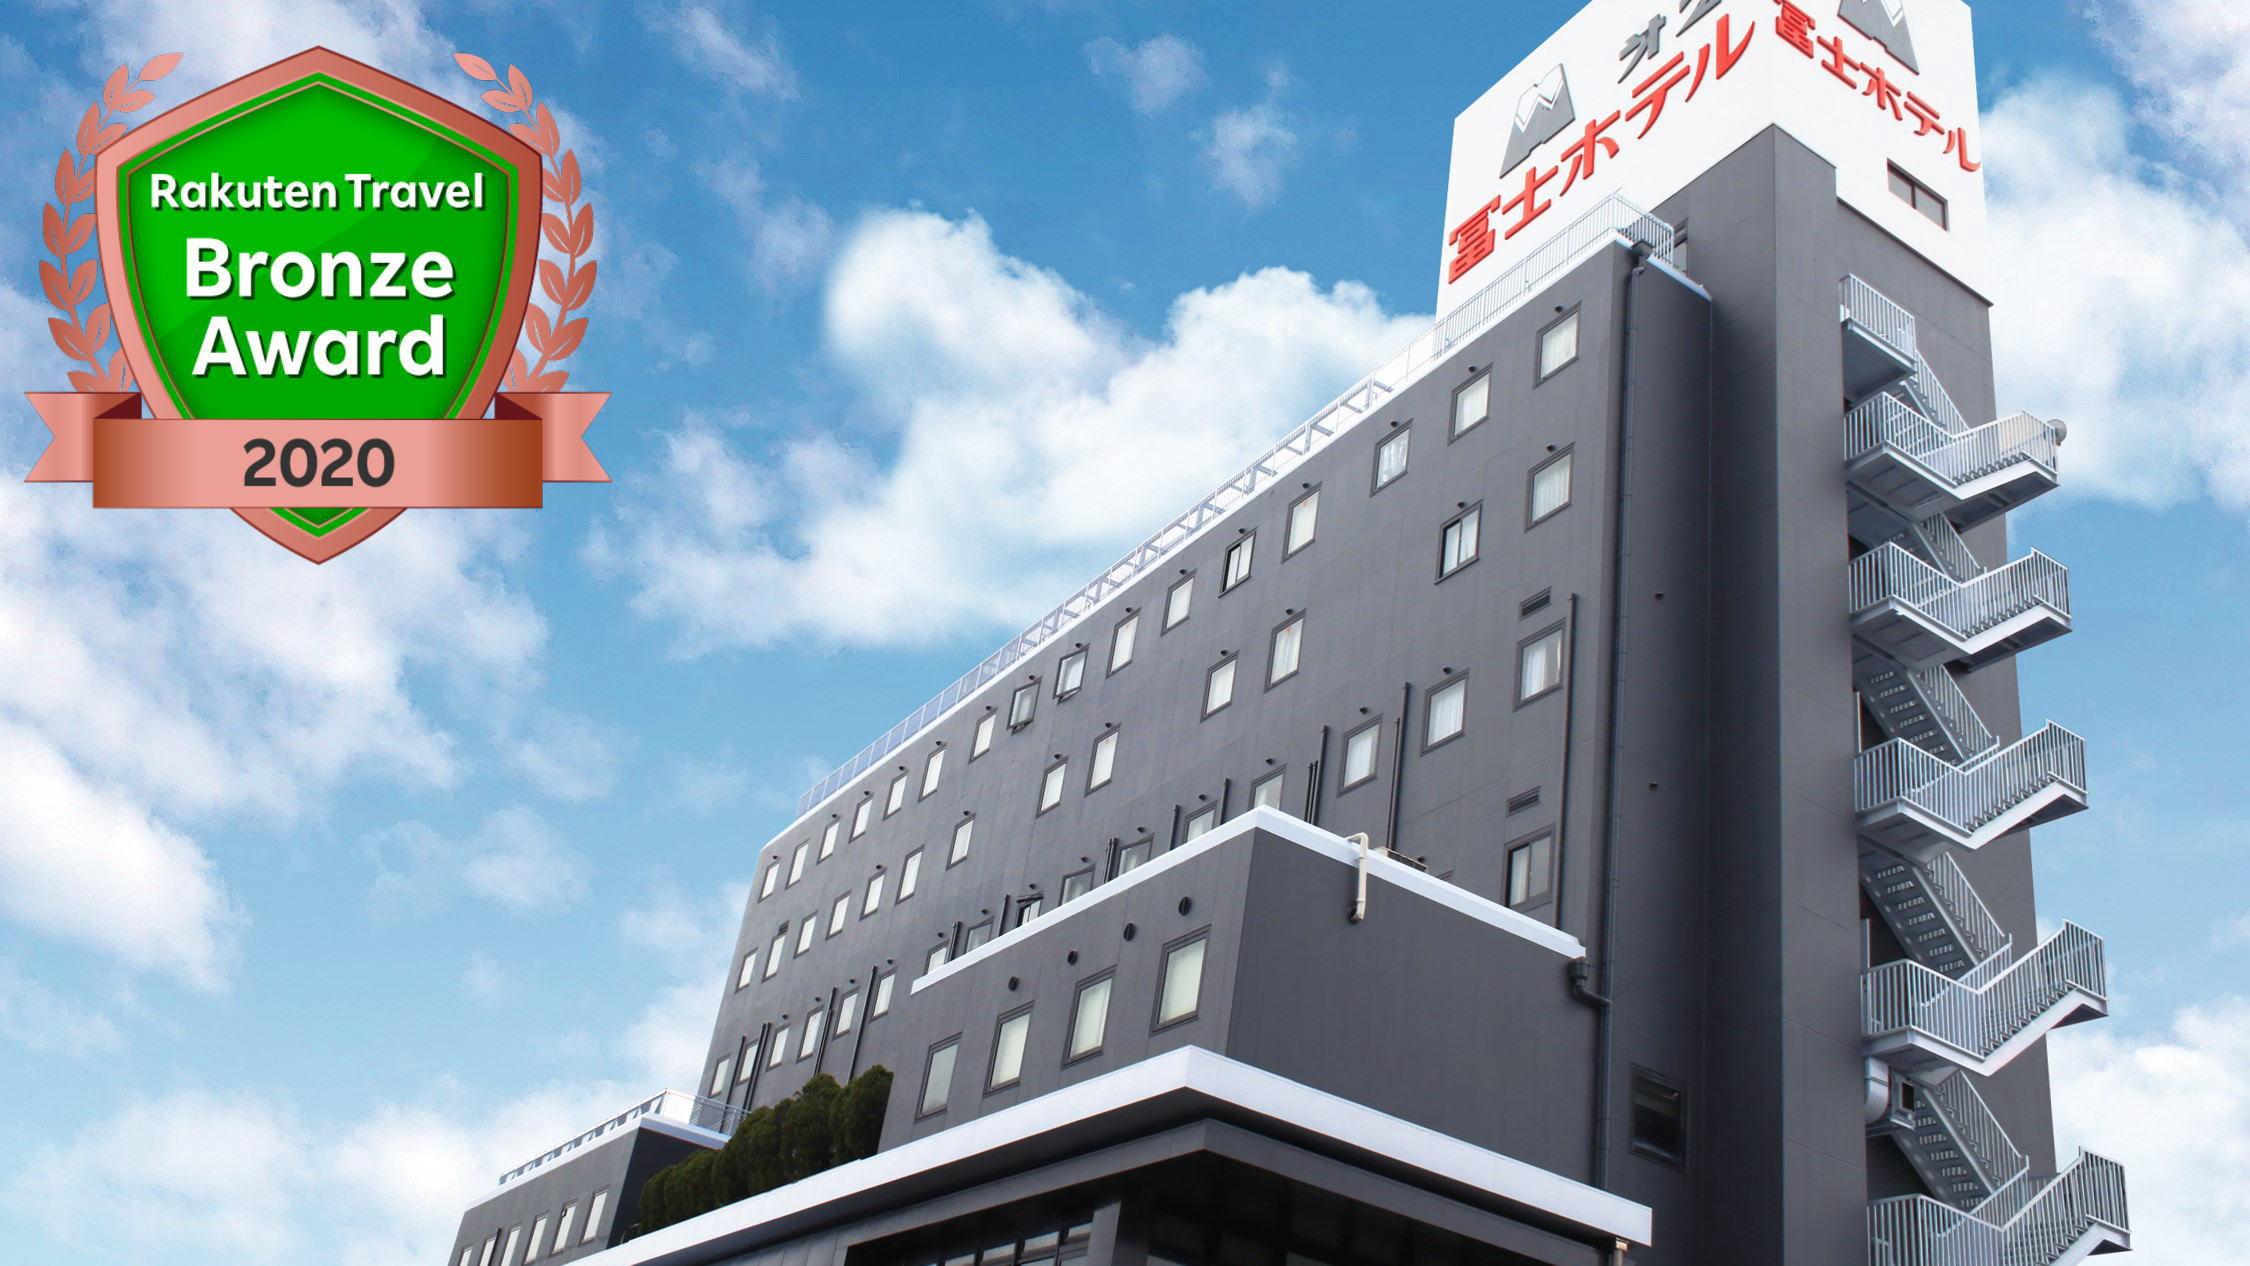 ワカヤマ 第2冨士ホテル◆楽天トラベル